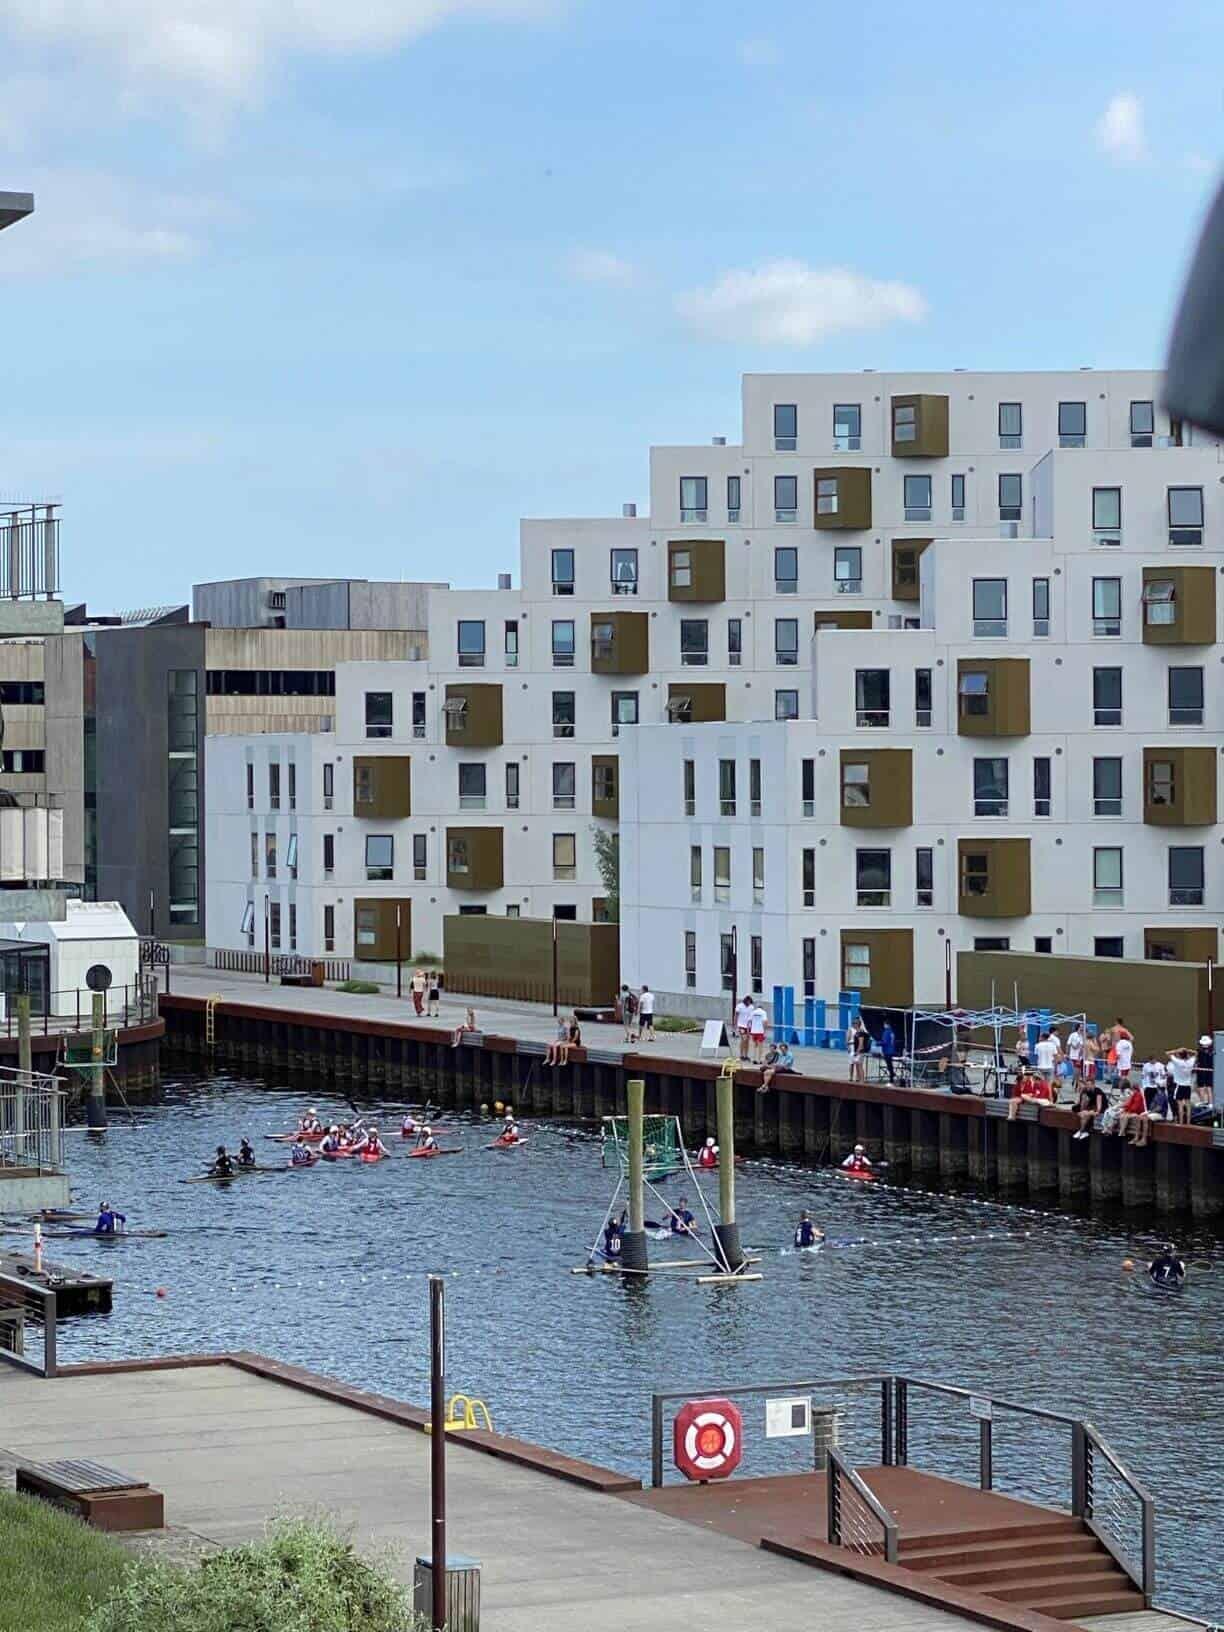 Første parket til kajak polo turneringen på Odense havn